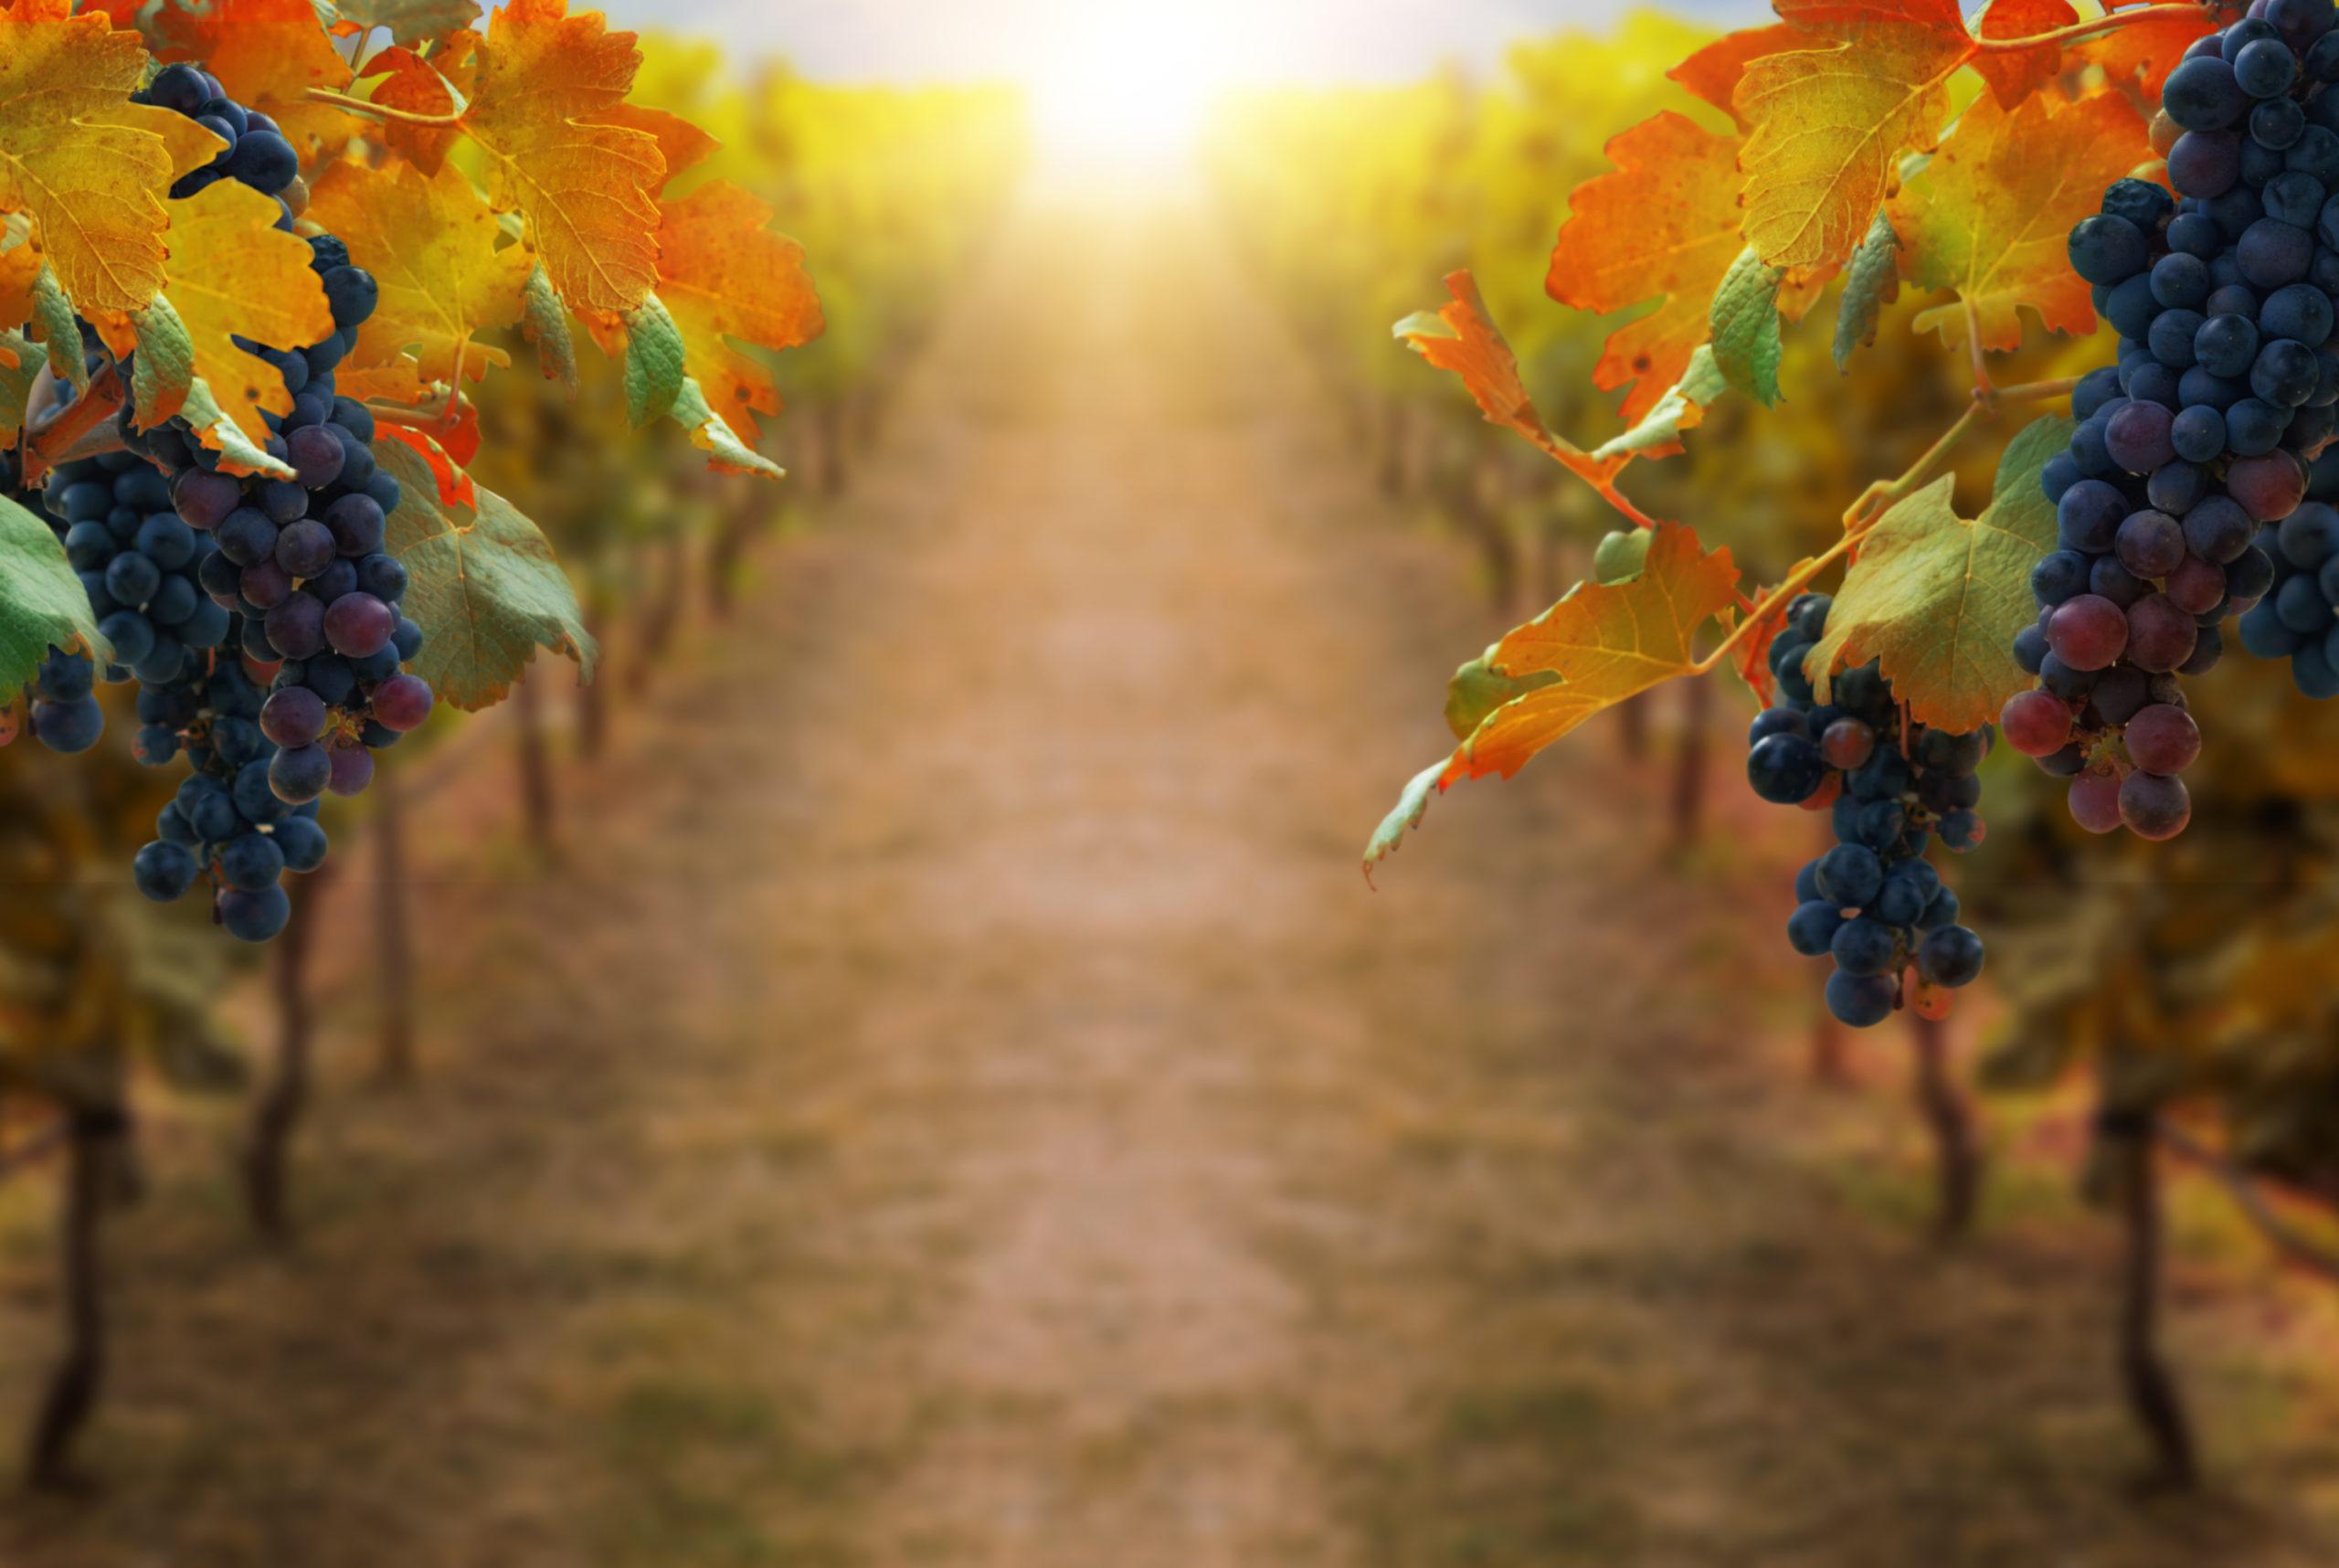 Grapes in vineyard landscape in Transylvania